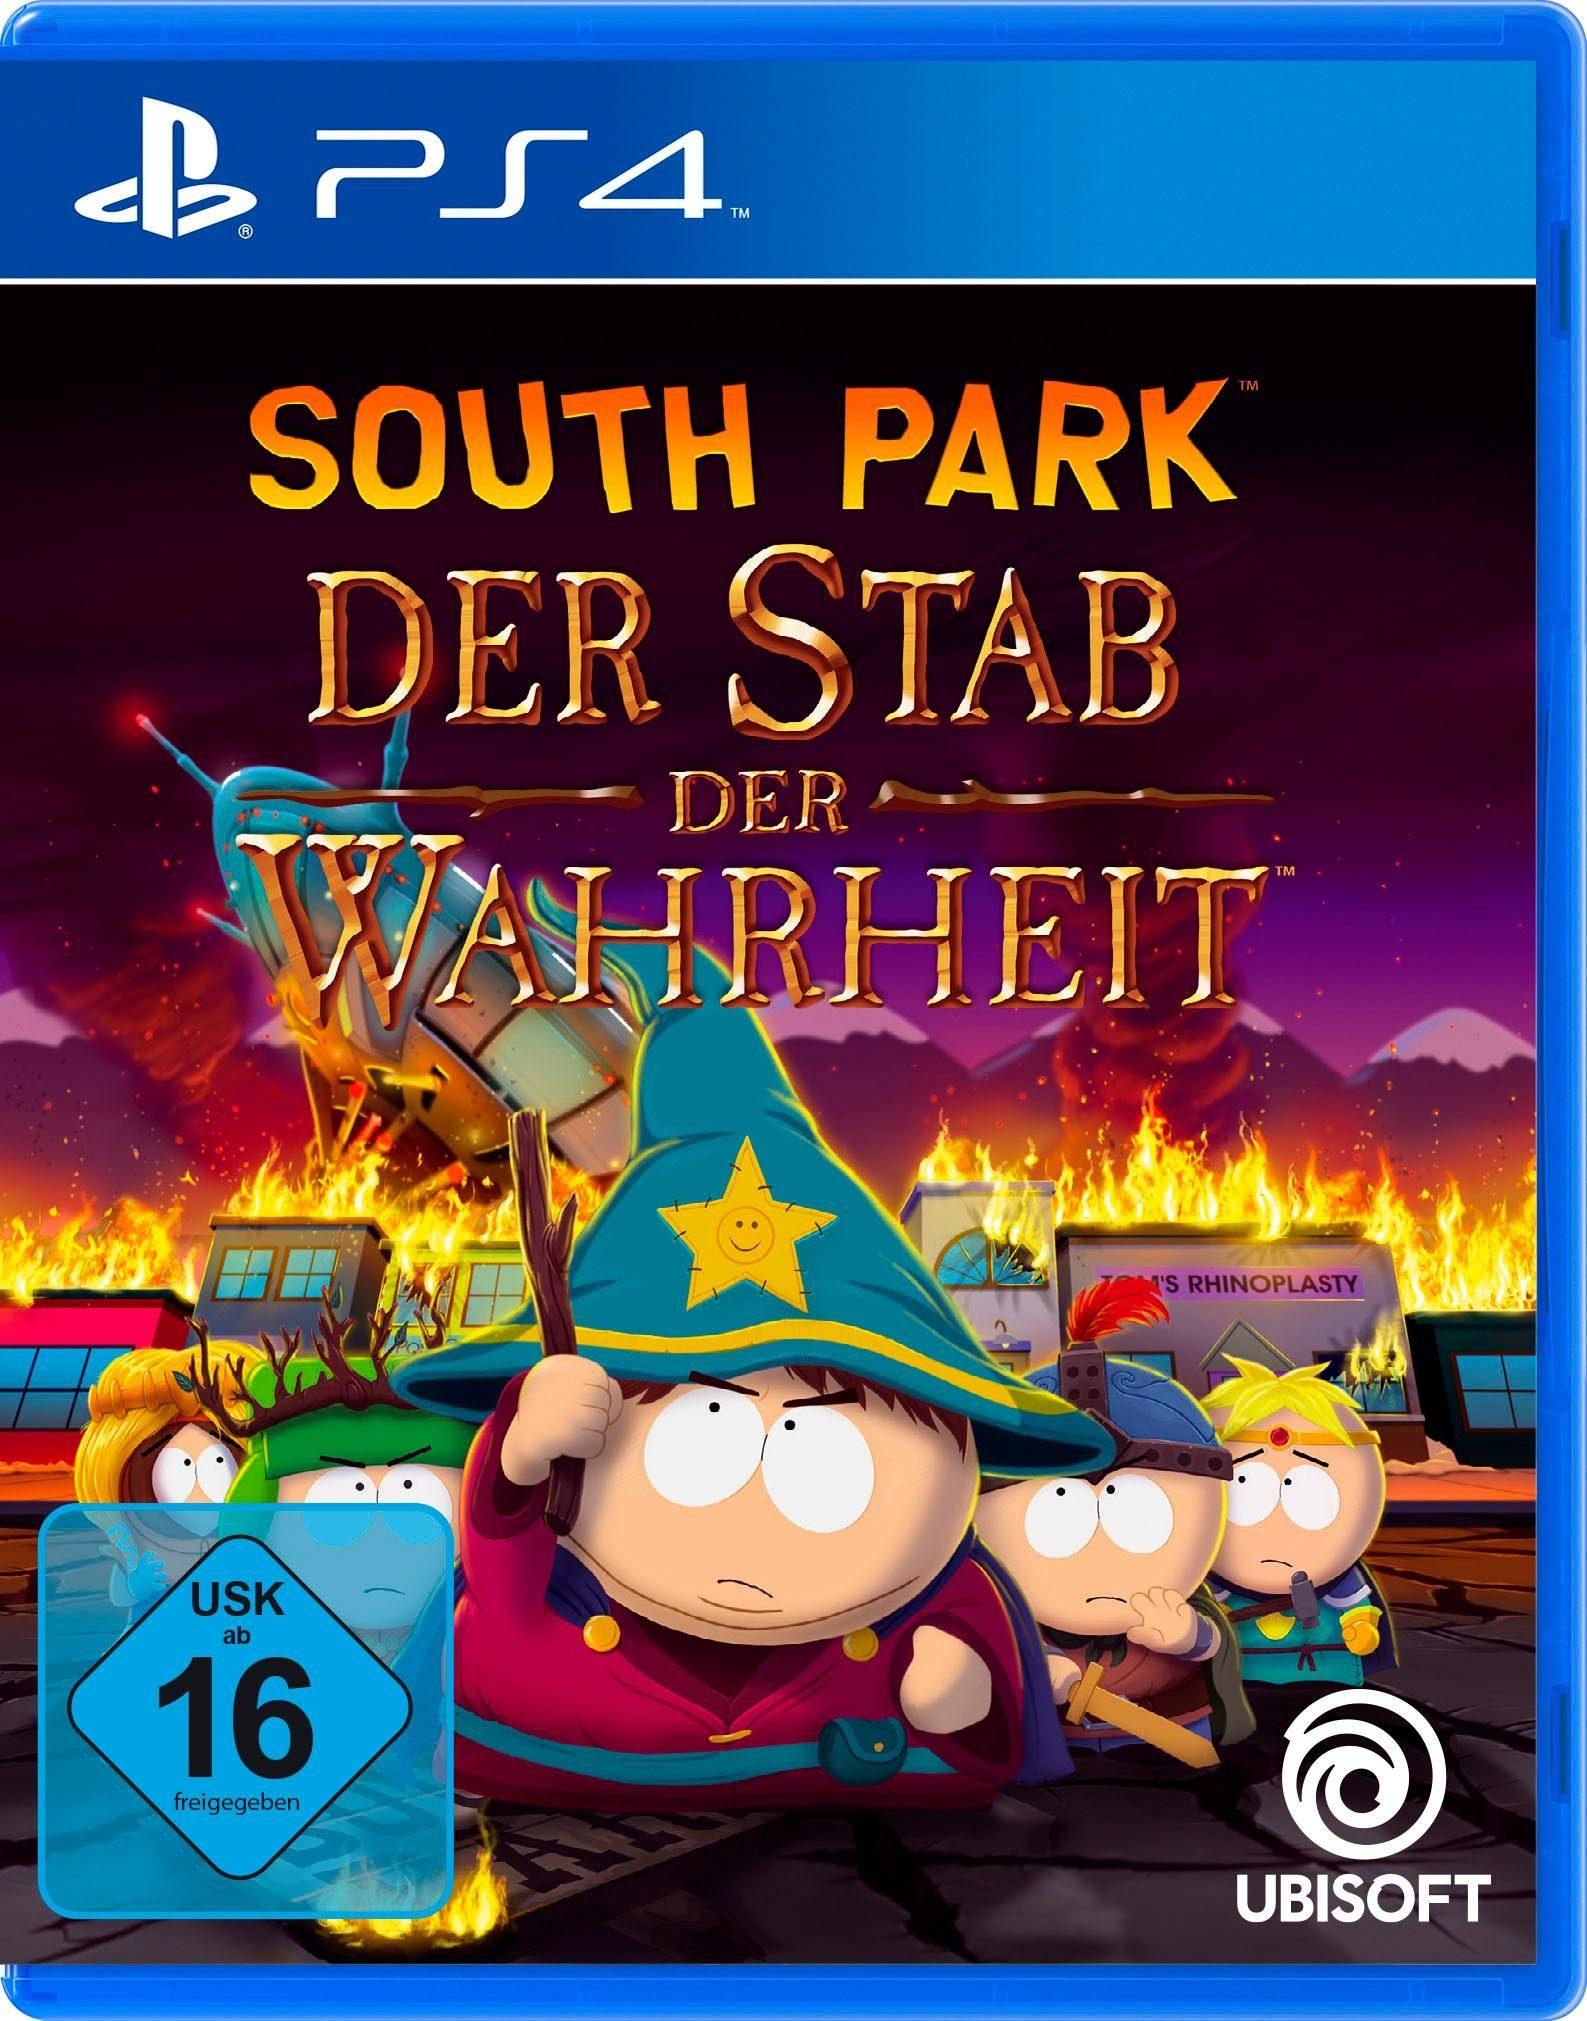 South Park: Der Stab der Wahrheit PlayStation 4, South Park: Der Stab der Wahrheit